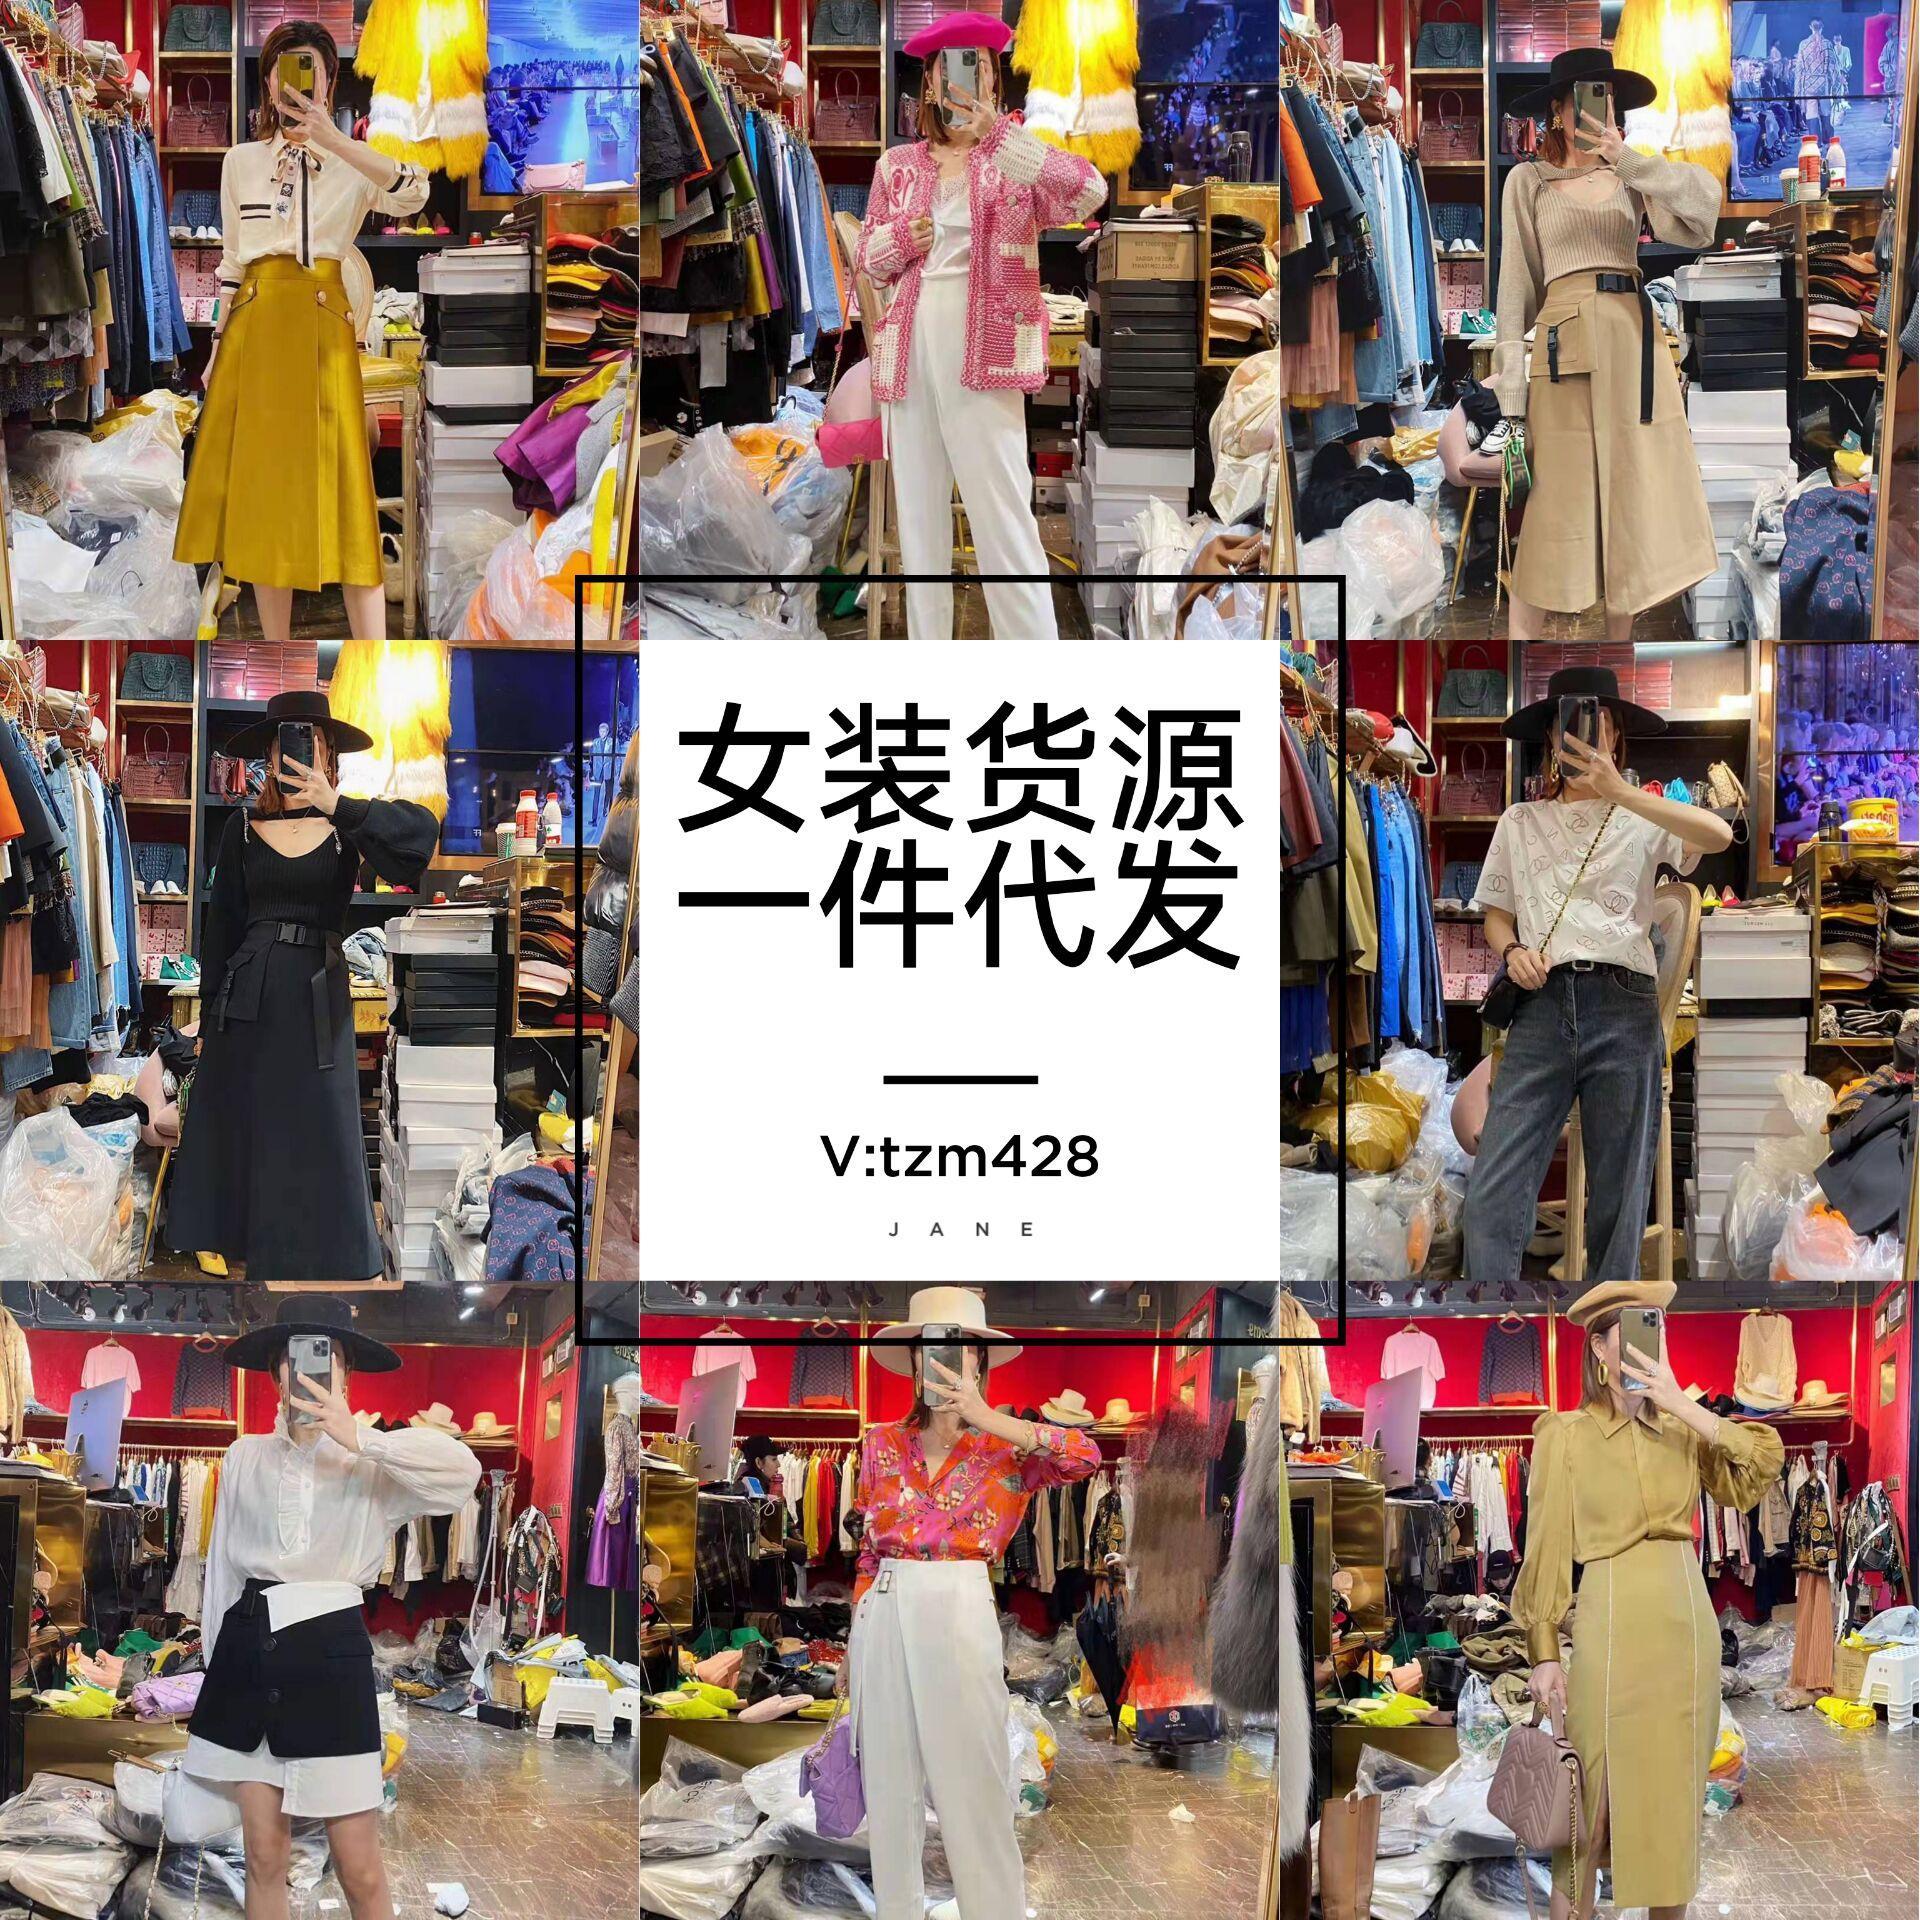 微商女装童装 厂家一手货源一件代发无需囤货 手把手教